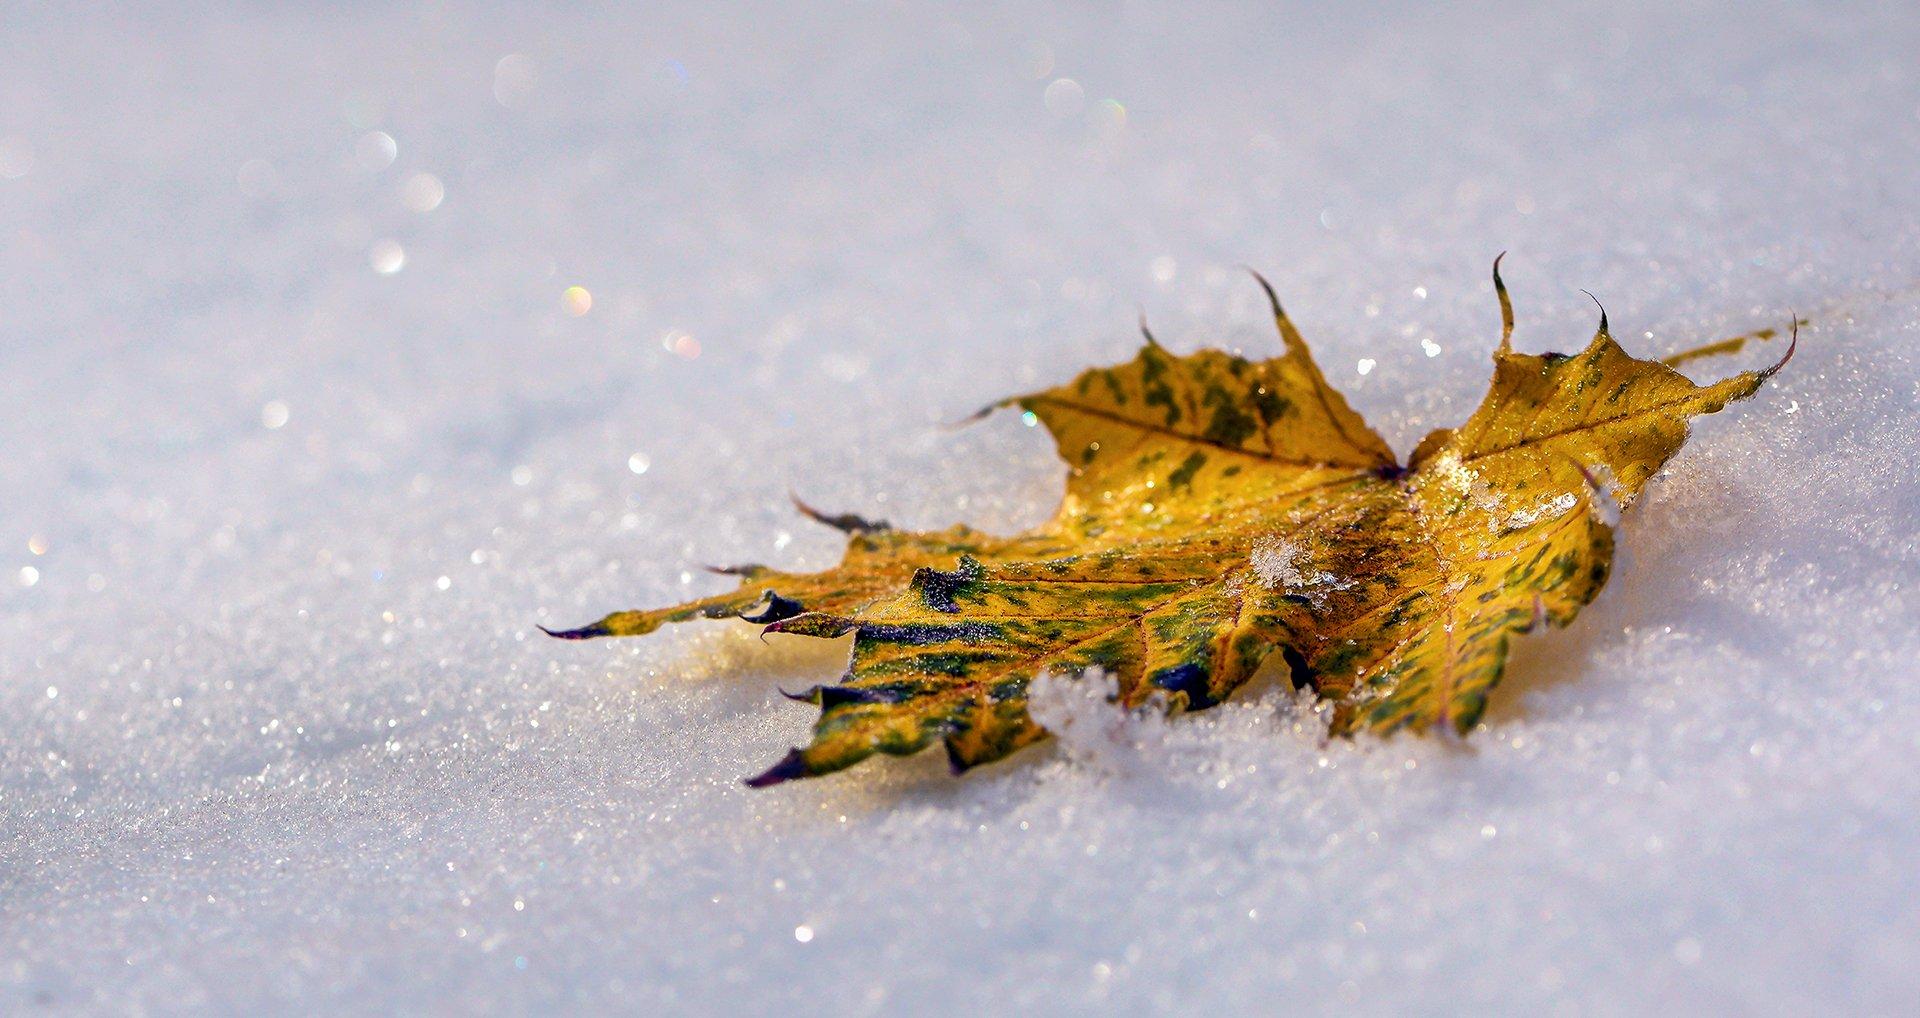 природа, макро, осень, снег, белый, опавший лист, желтый, боке, Неля Рачкова